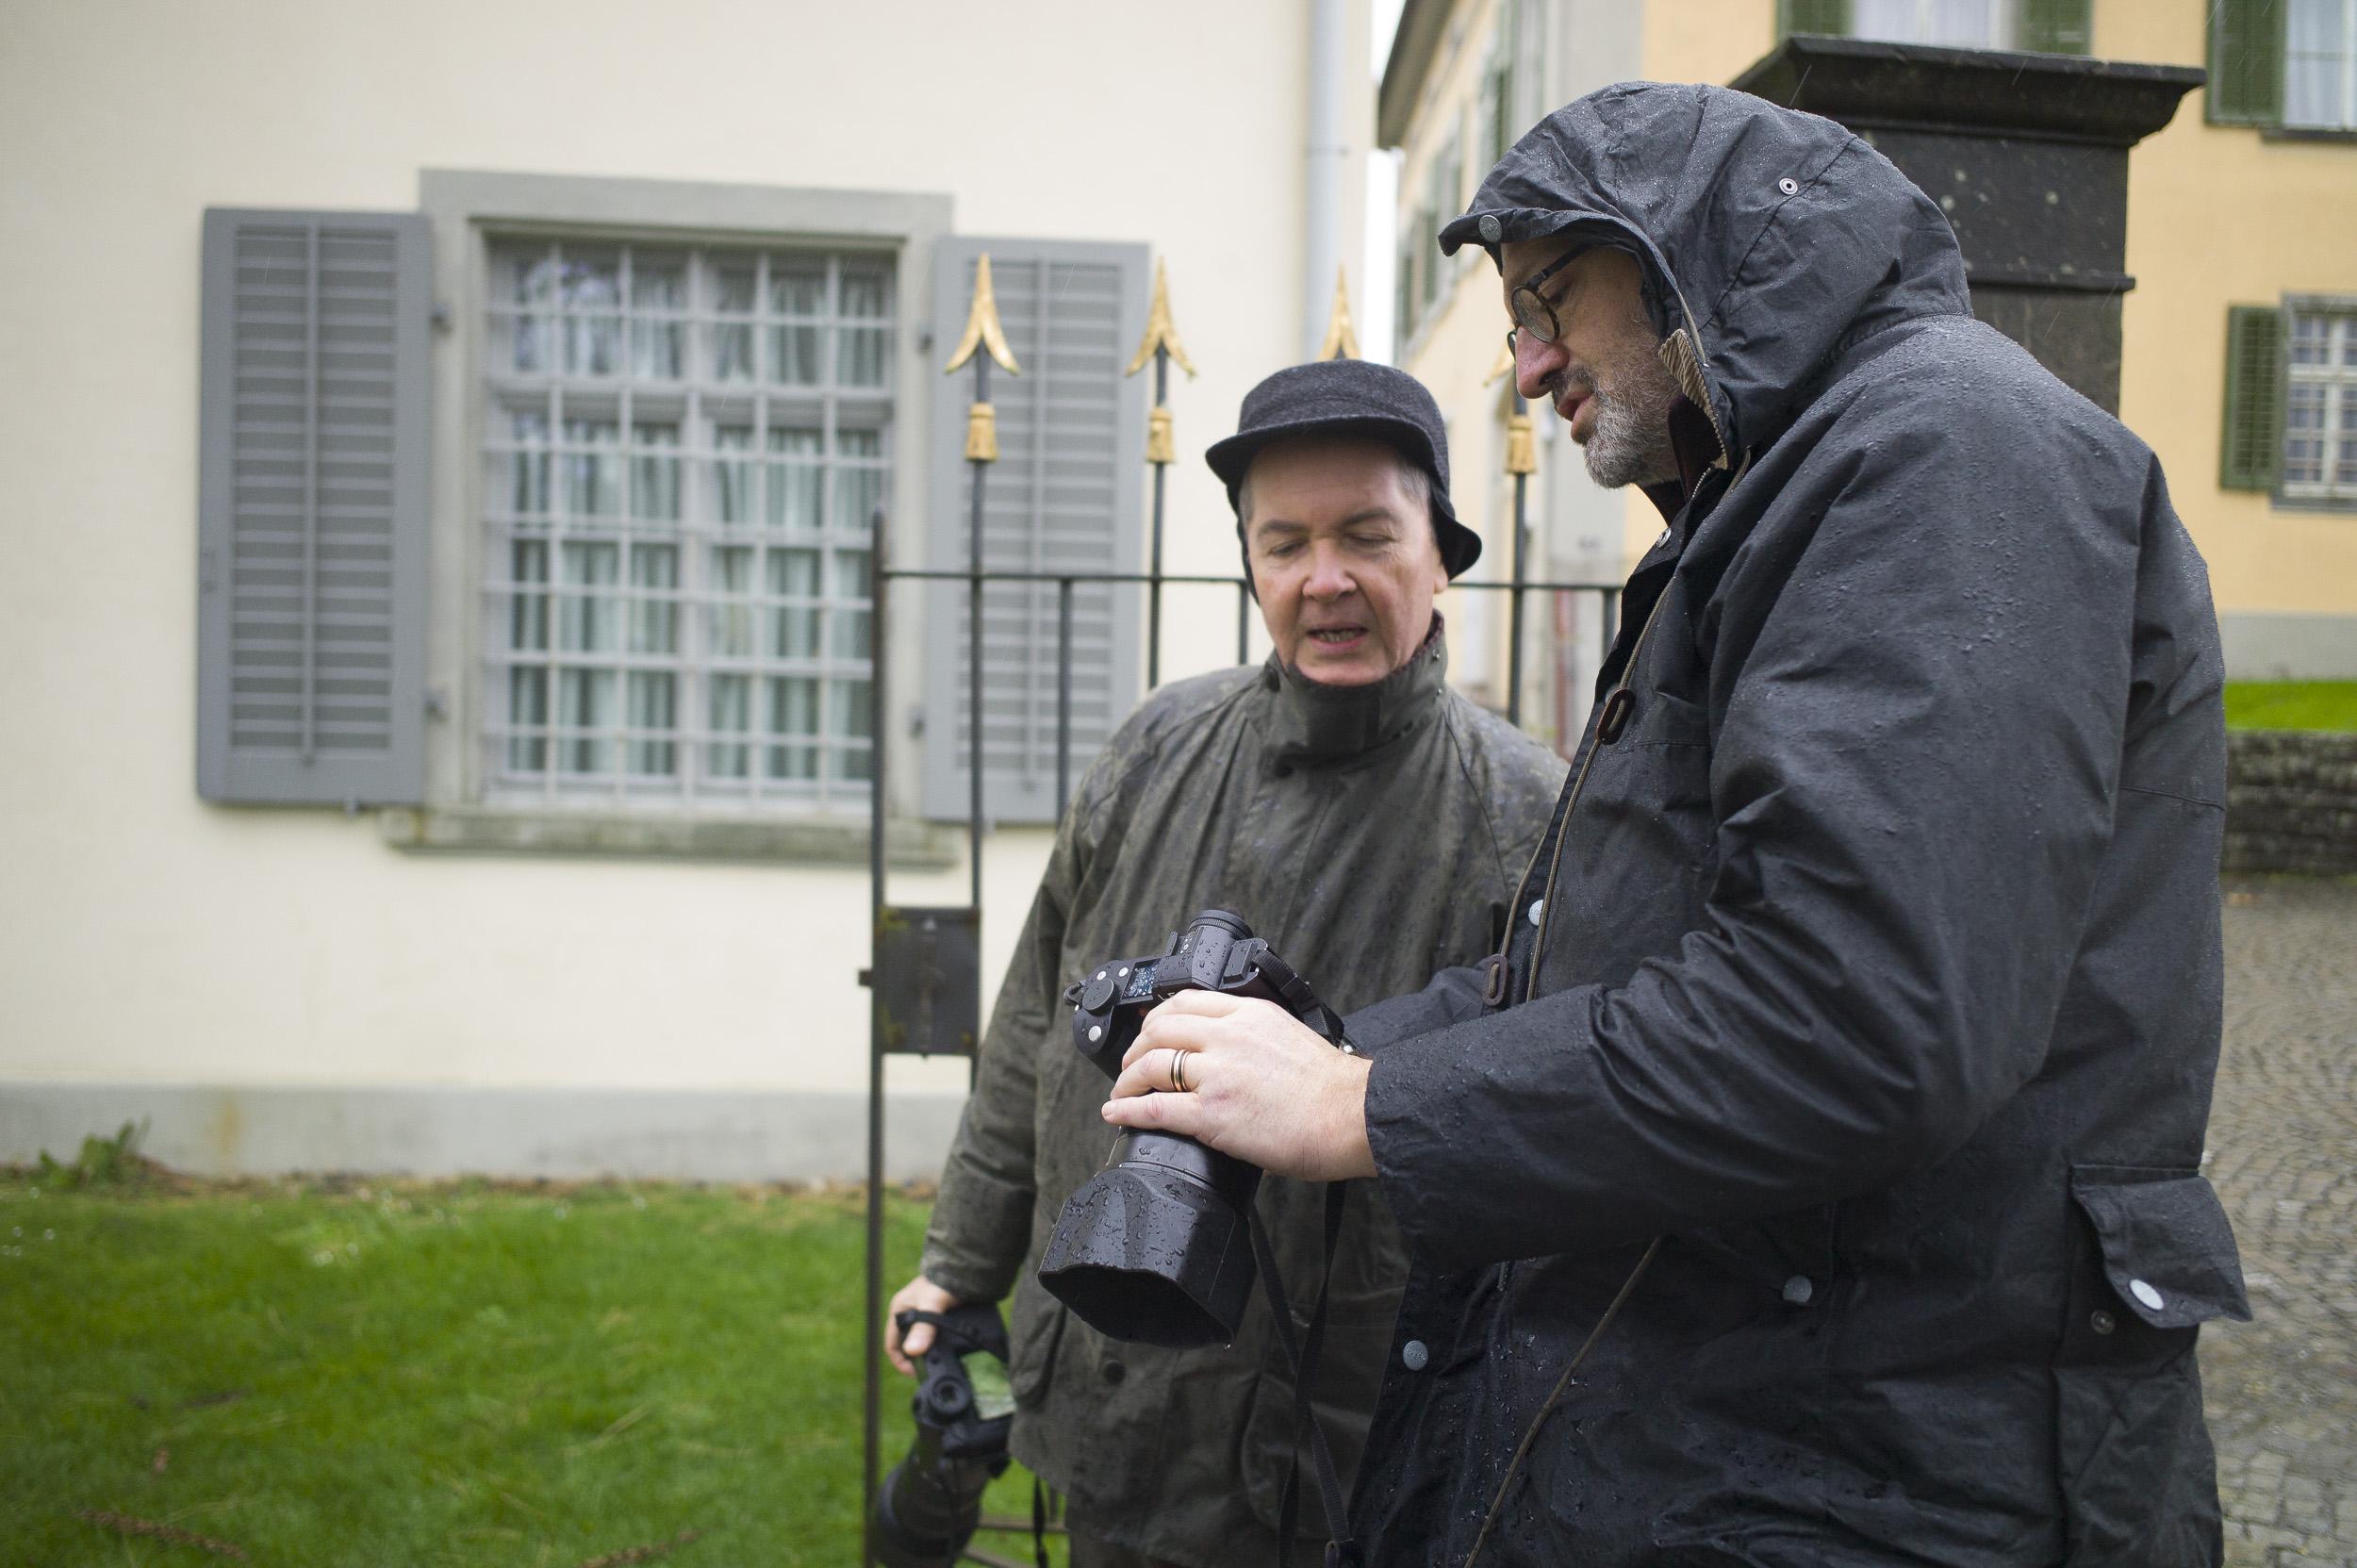 Austauschen im Regen Foto: Silvan Dietrich / Leica M9 / Elmarit-M 2.8 28 ASPH / 1/250 sec. f 2.8 800 ISO